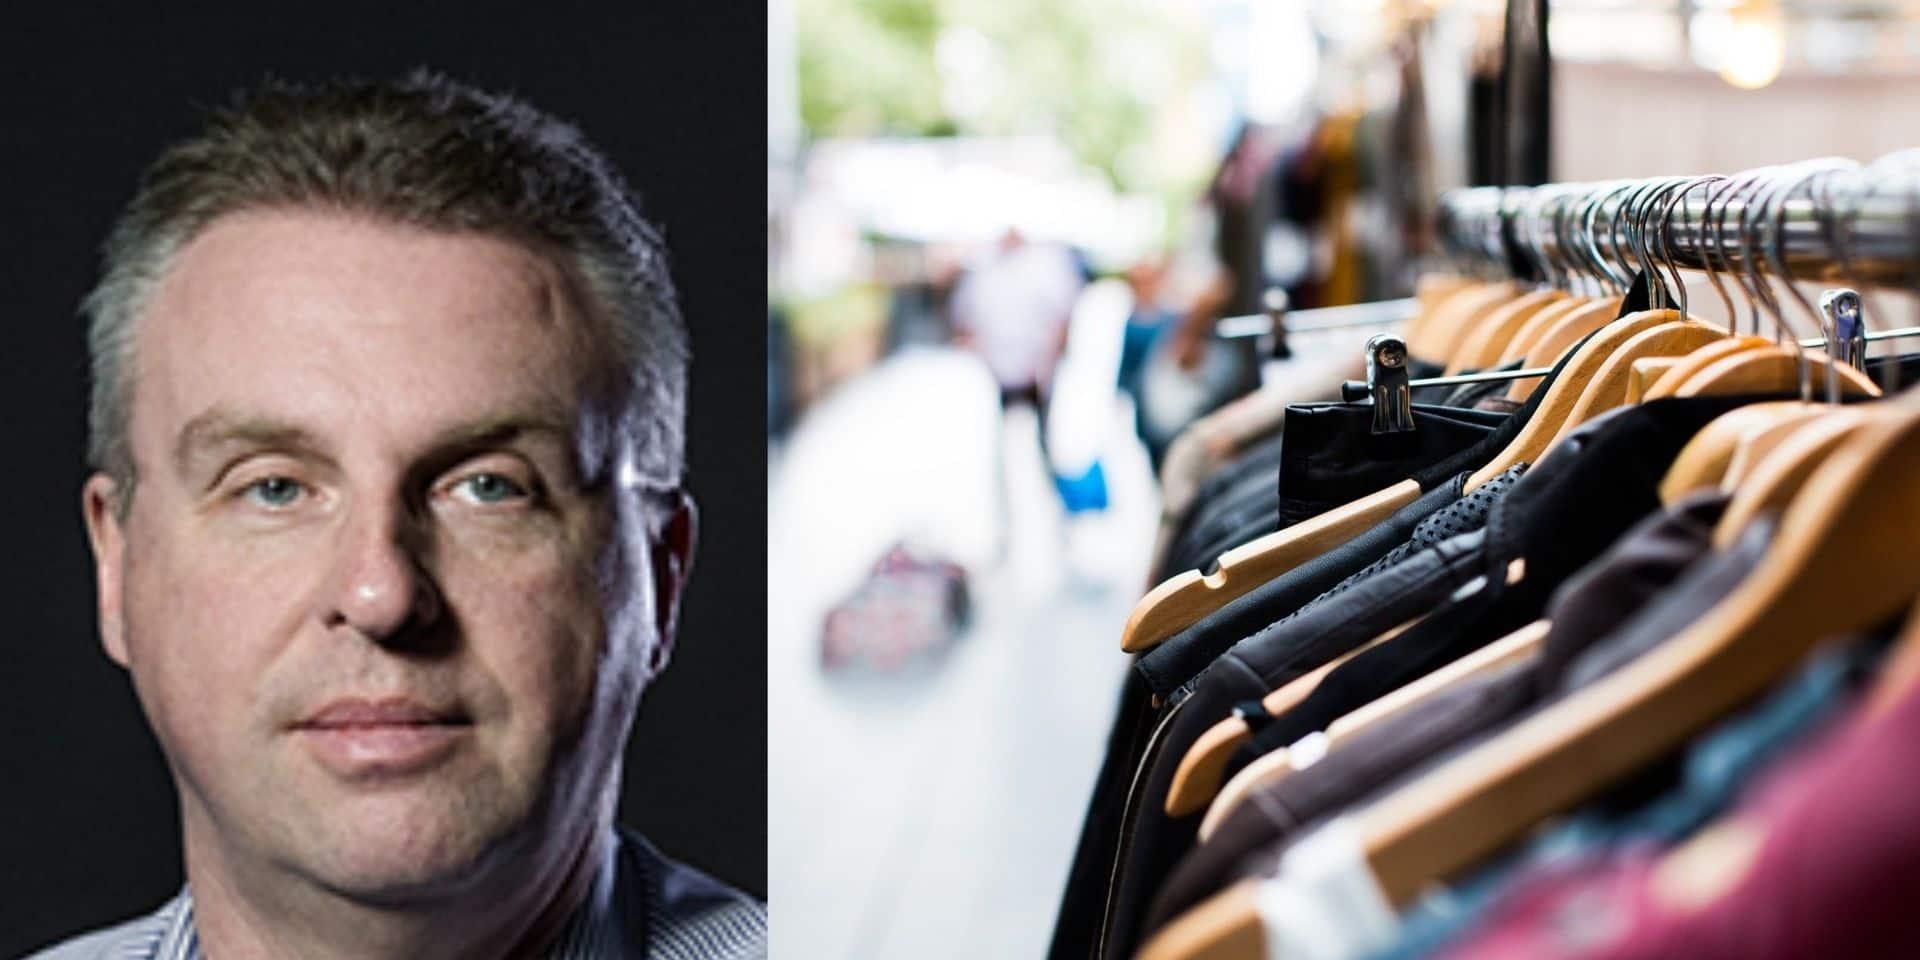 Les vêtements neufs seraient nuisibles pour l'environnement